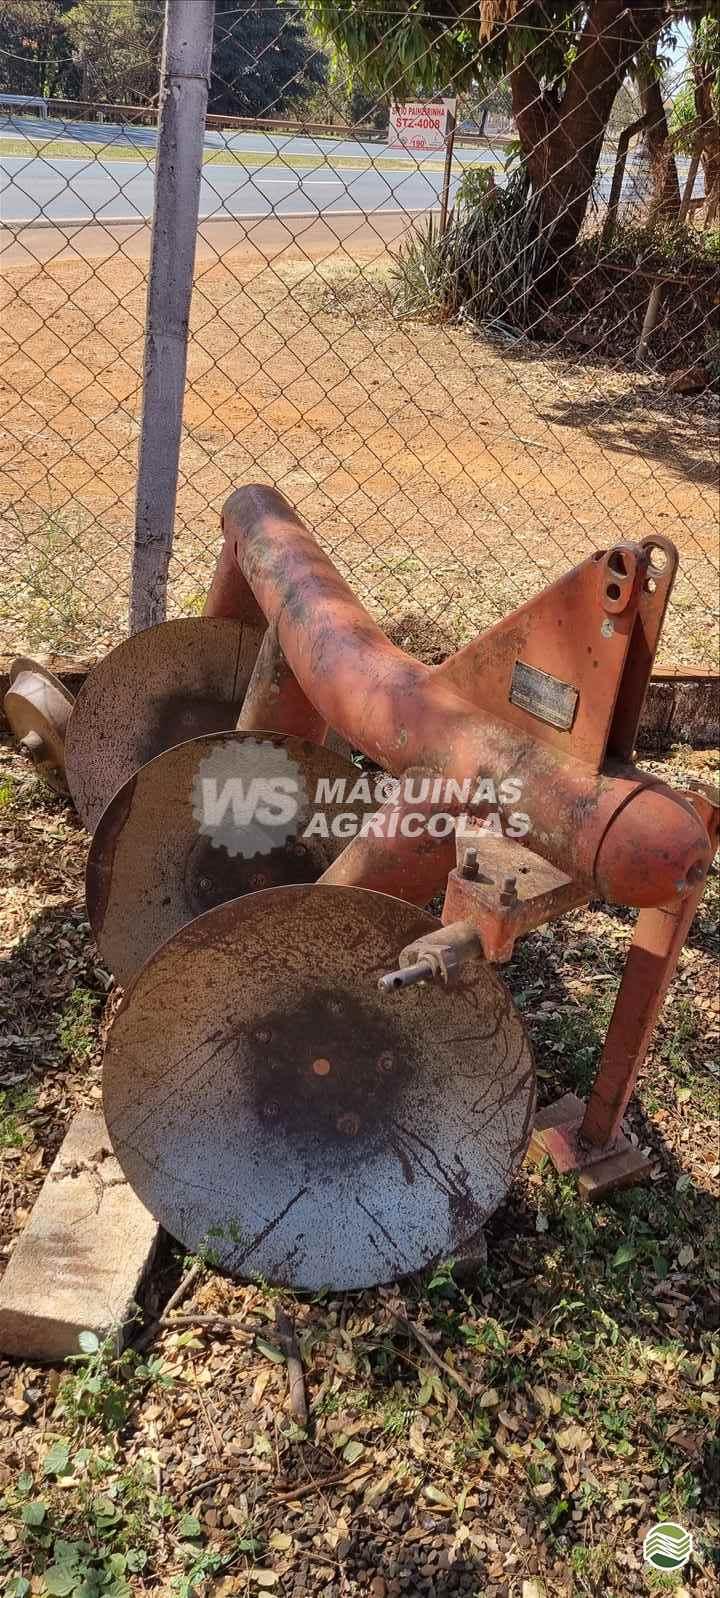 IMPLEMENTOS AGRICOLAS ARADO DE DISCO 3 DISCOS FIXO WS Máquinas Agrícolas SERTAOZINHO SÃO PAULO SP